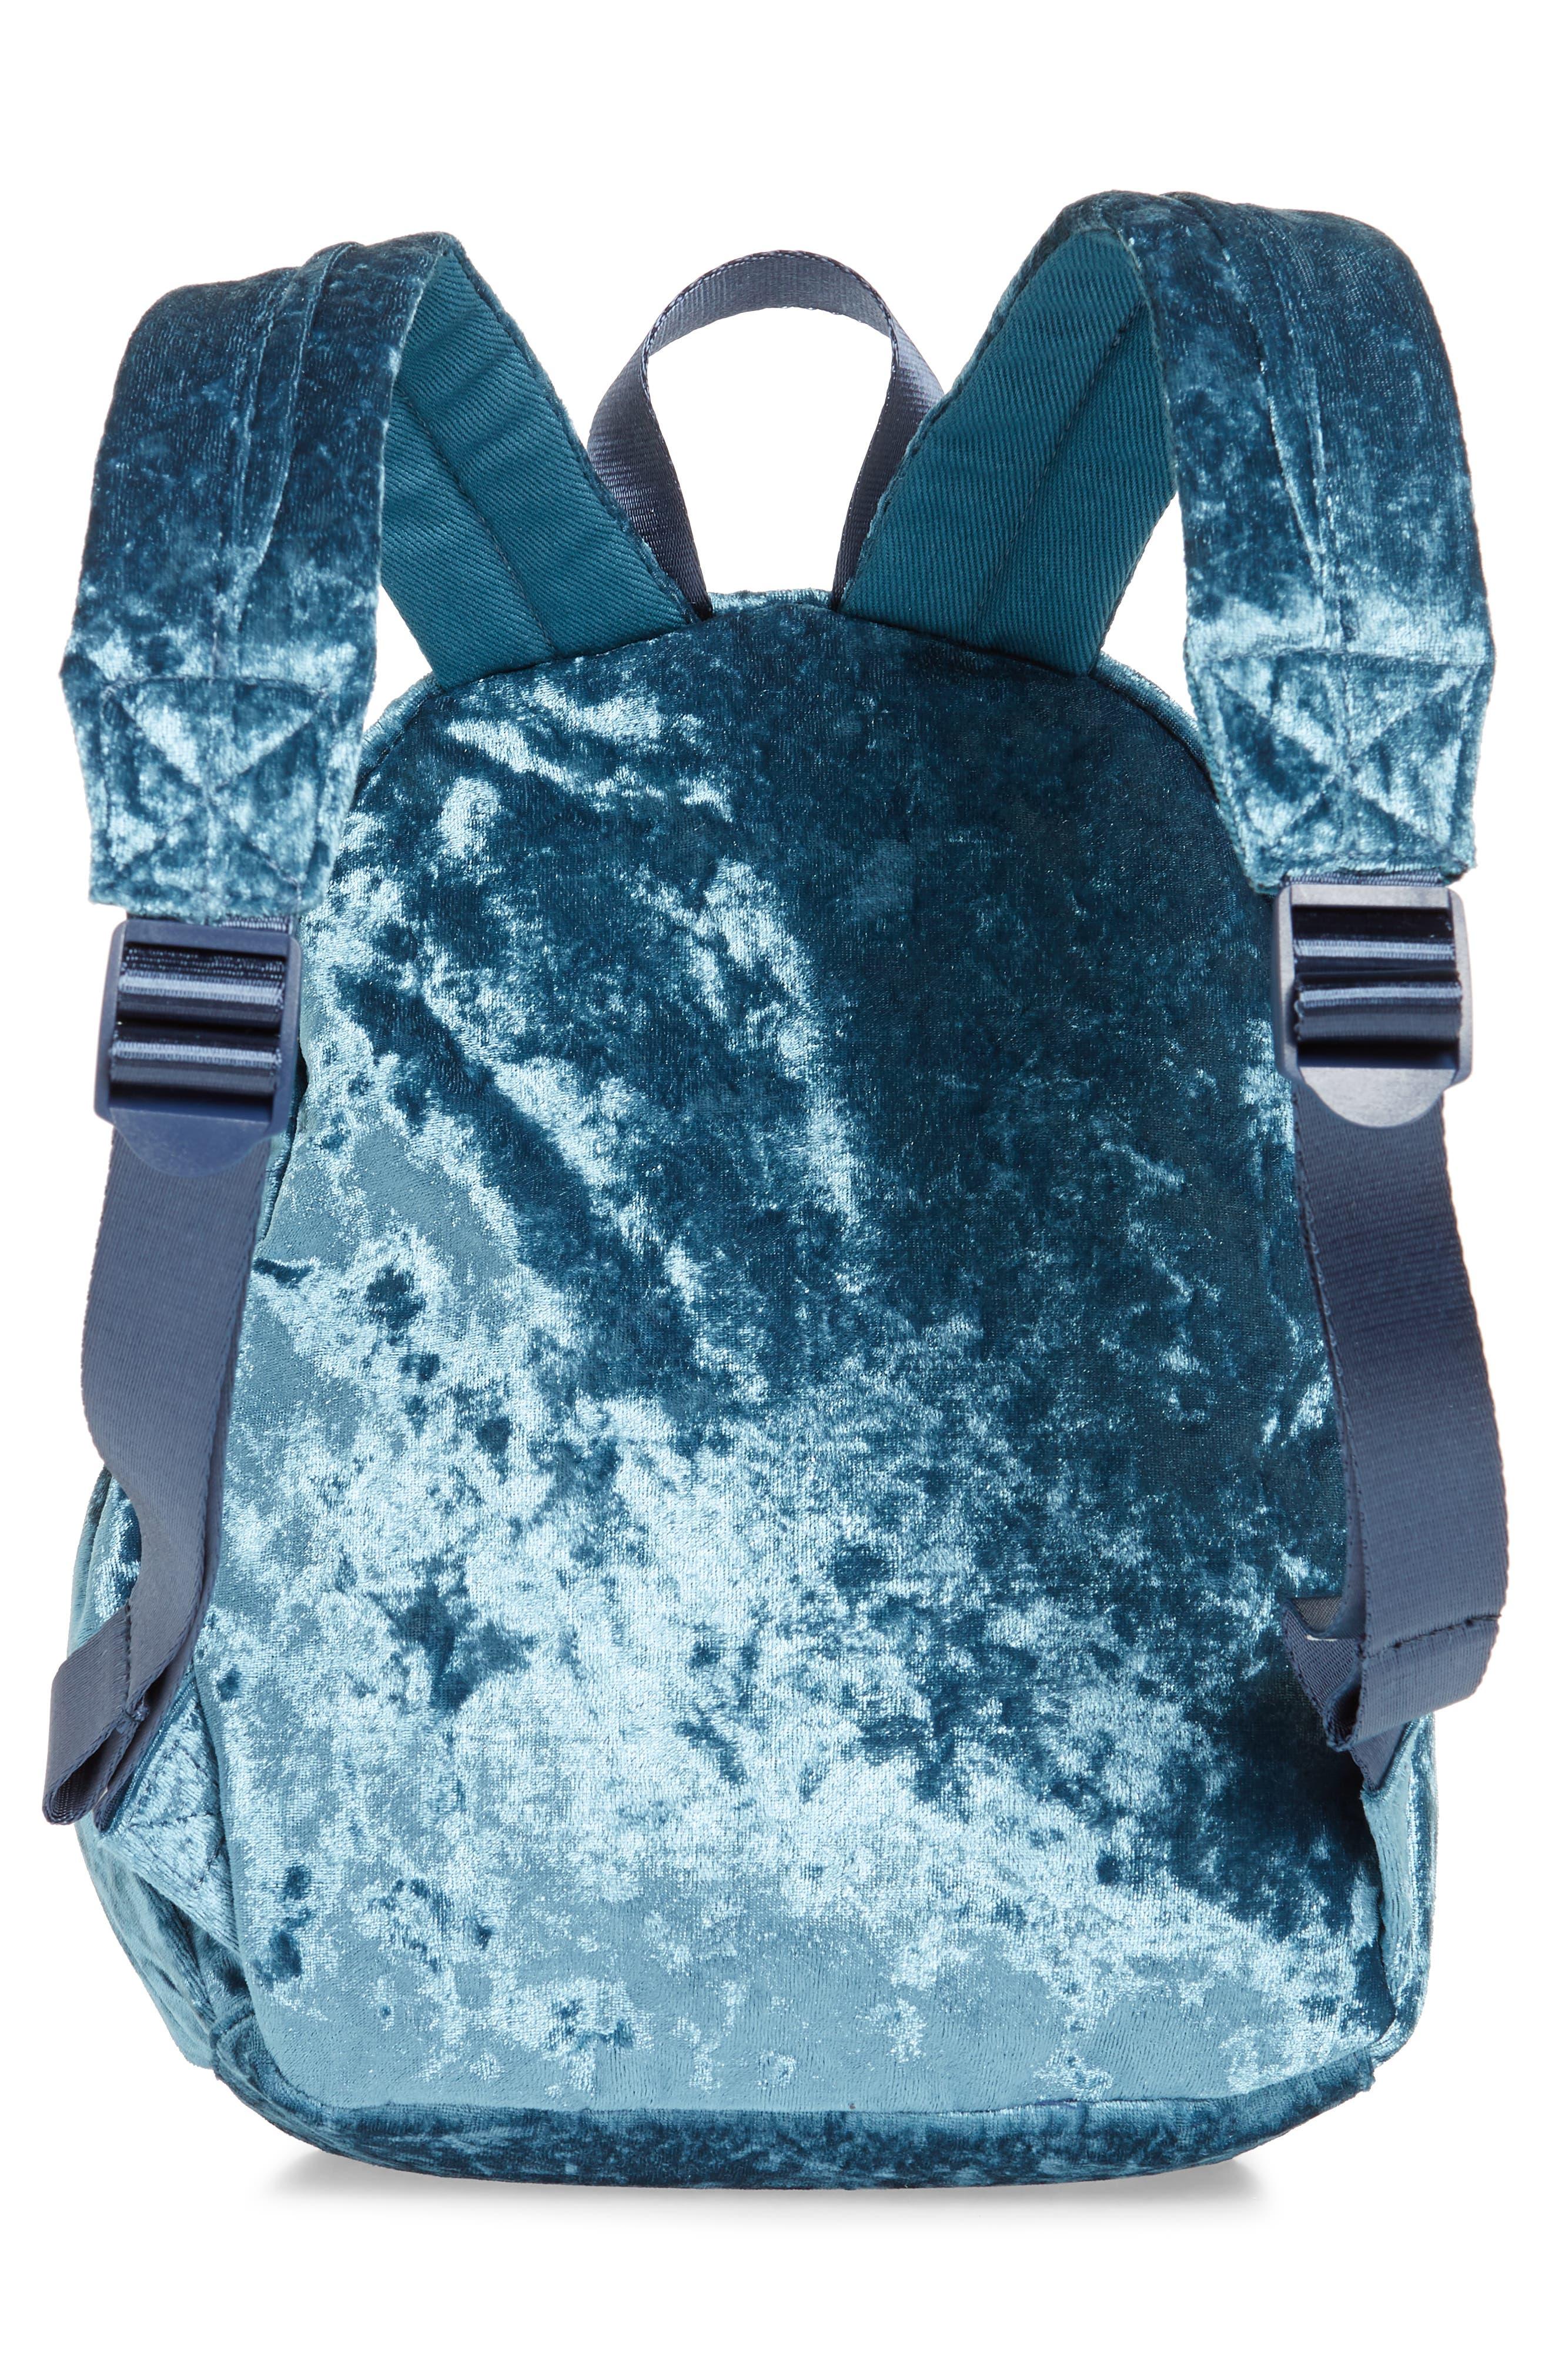 Crushed Velvet Backpack,                             Alternate thumbnail 2, color,                             440